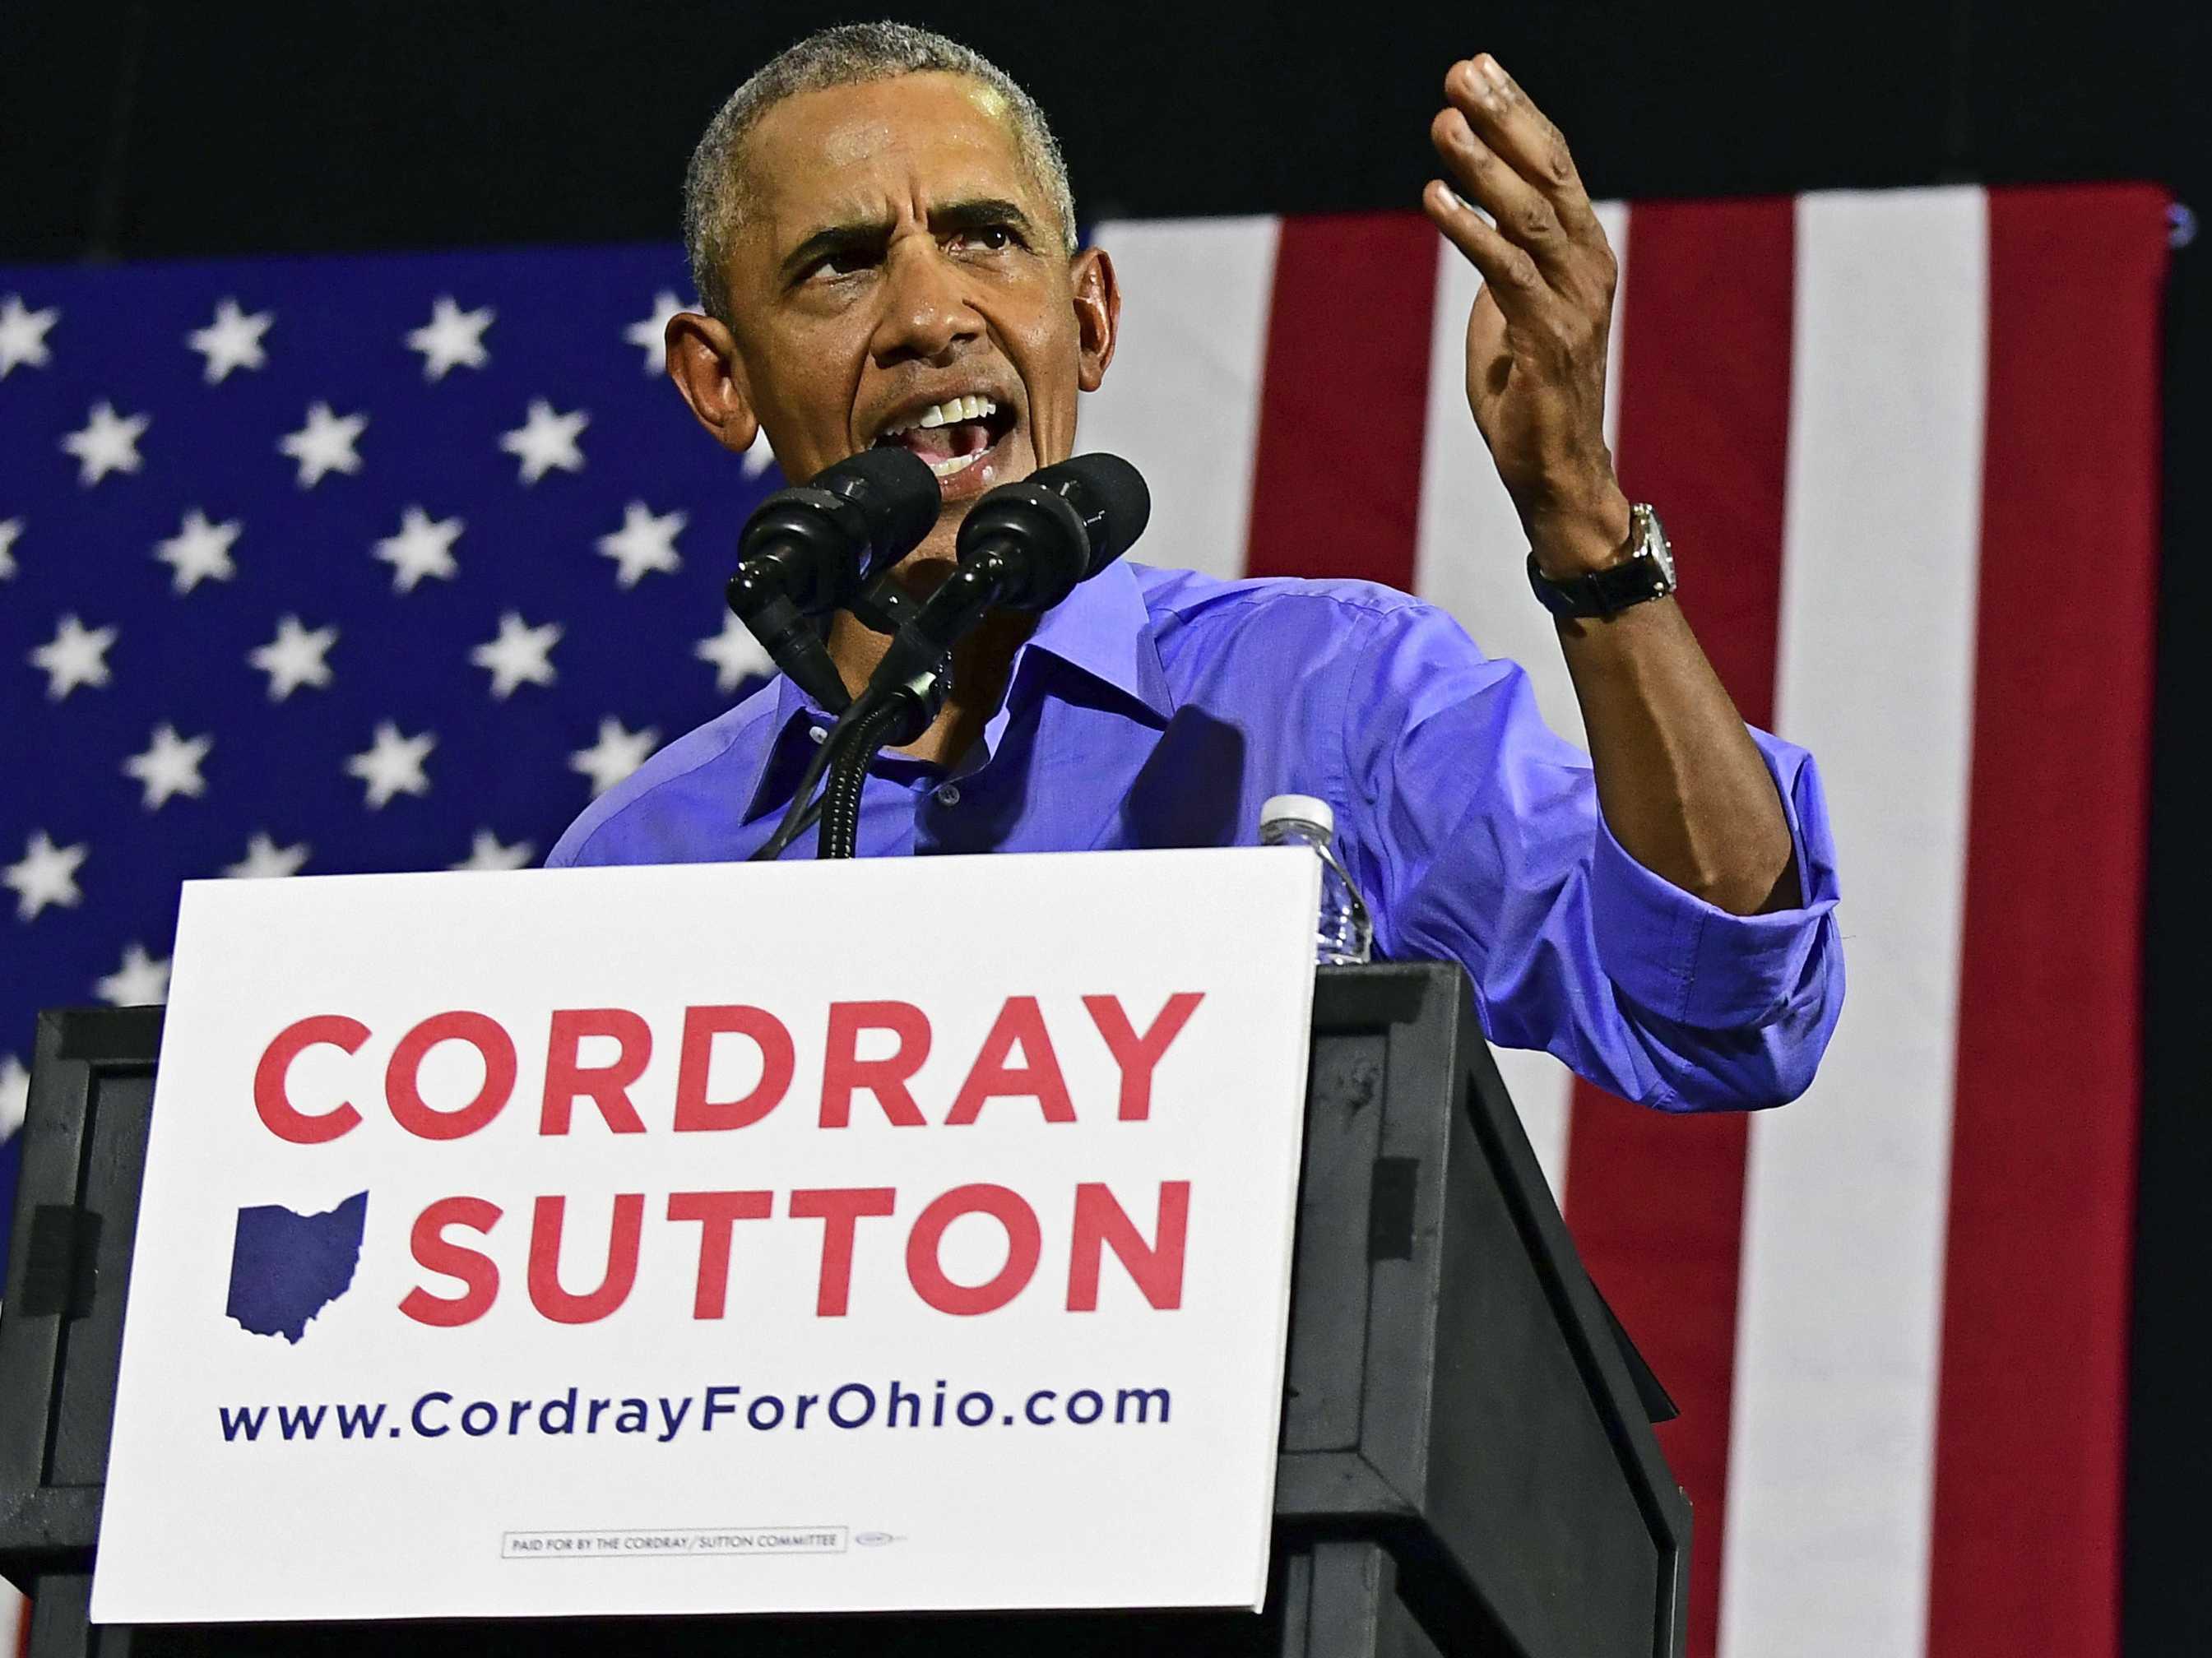 Barack Obama's Return: Good or Bad for Democrats?